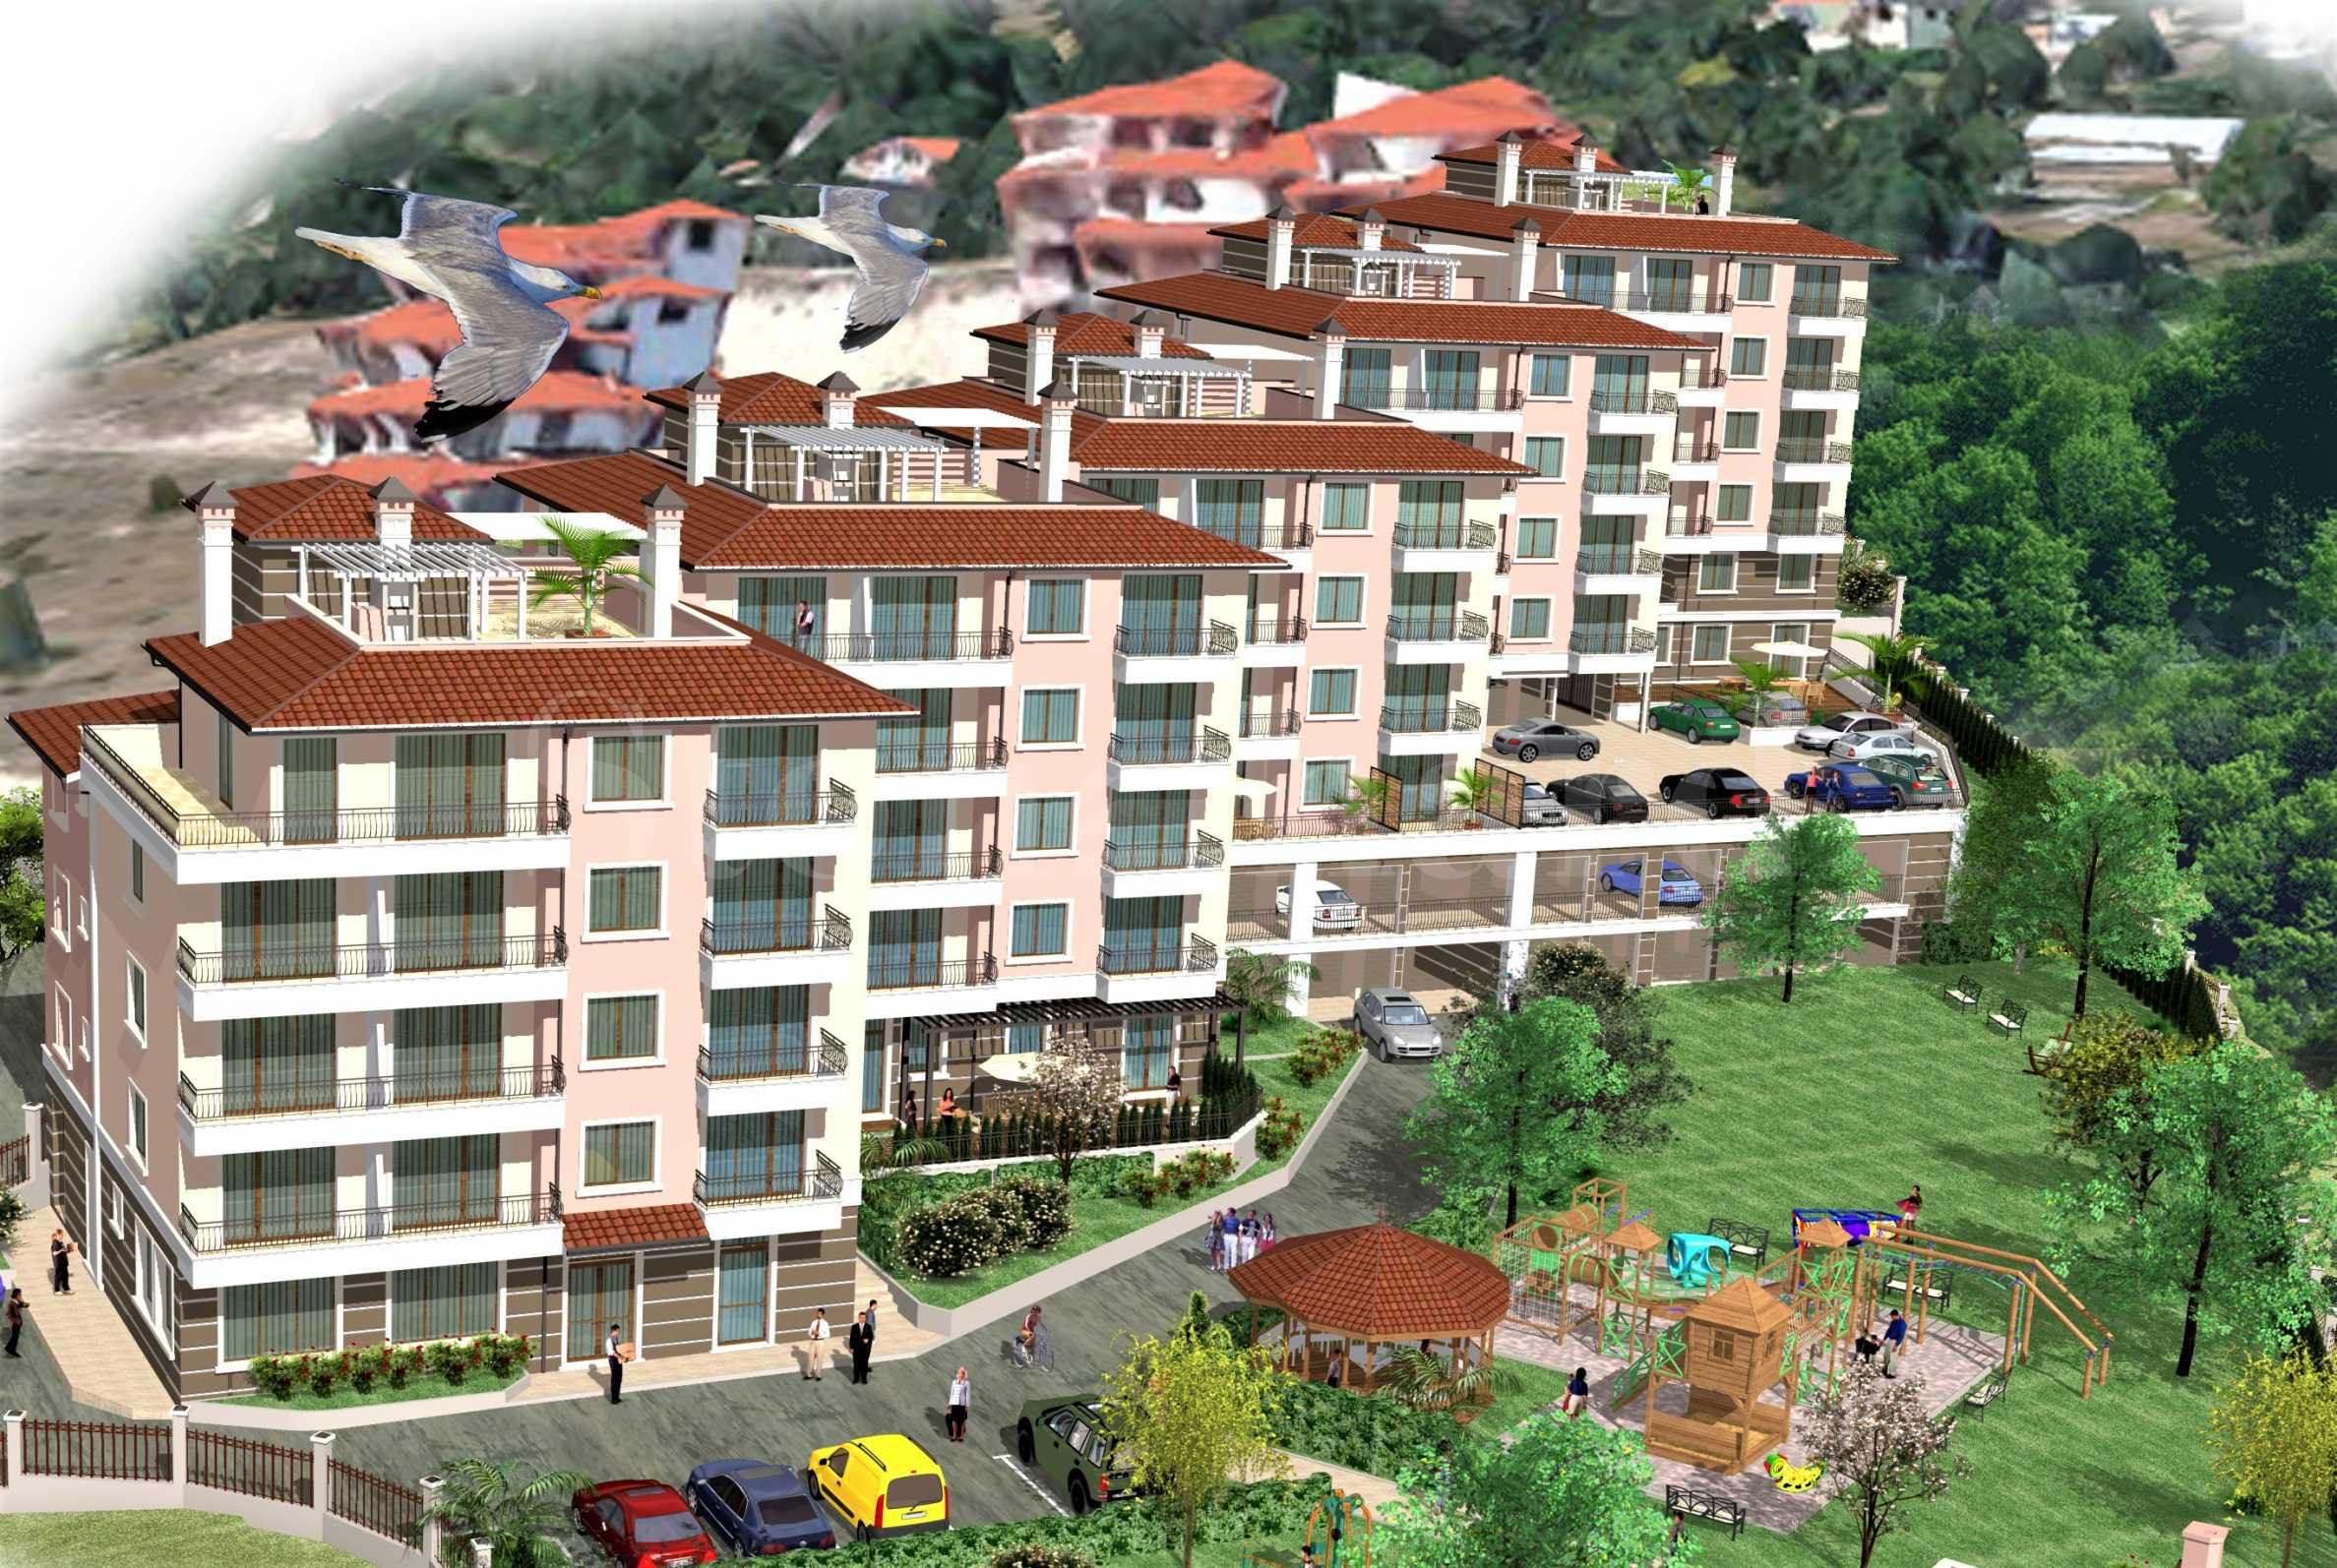 Апартаменти ново строителство с гледки към морето и планината1 - Stonehard